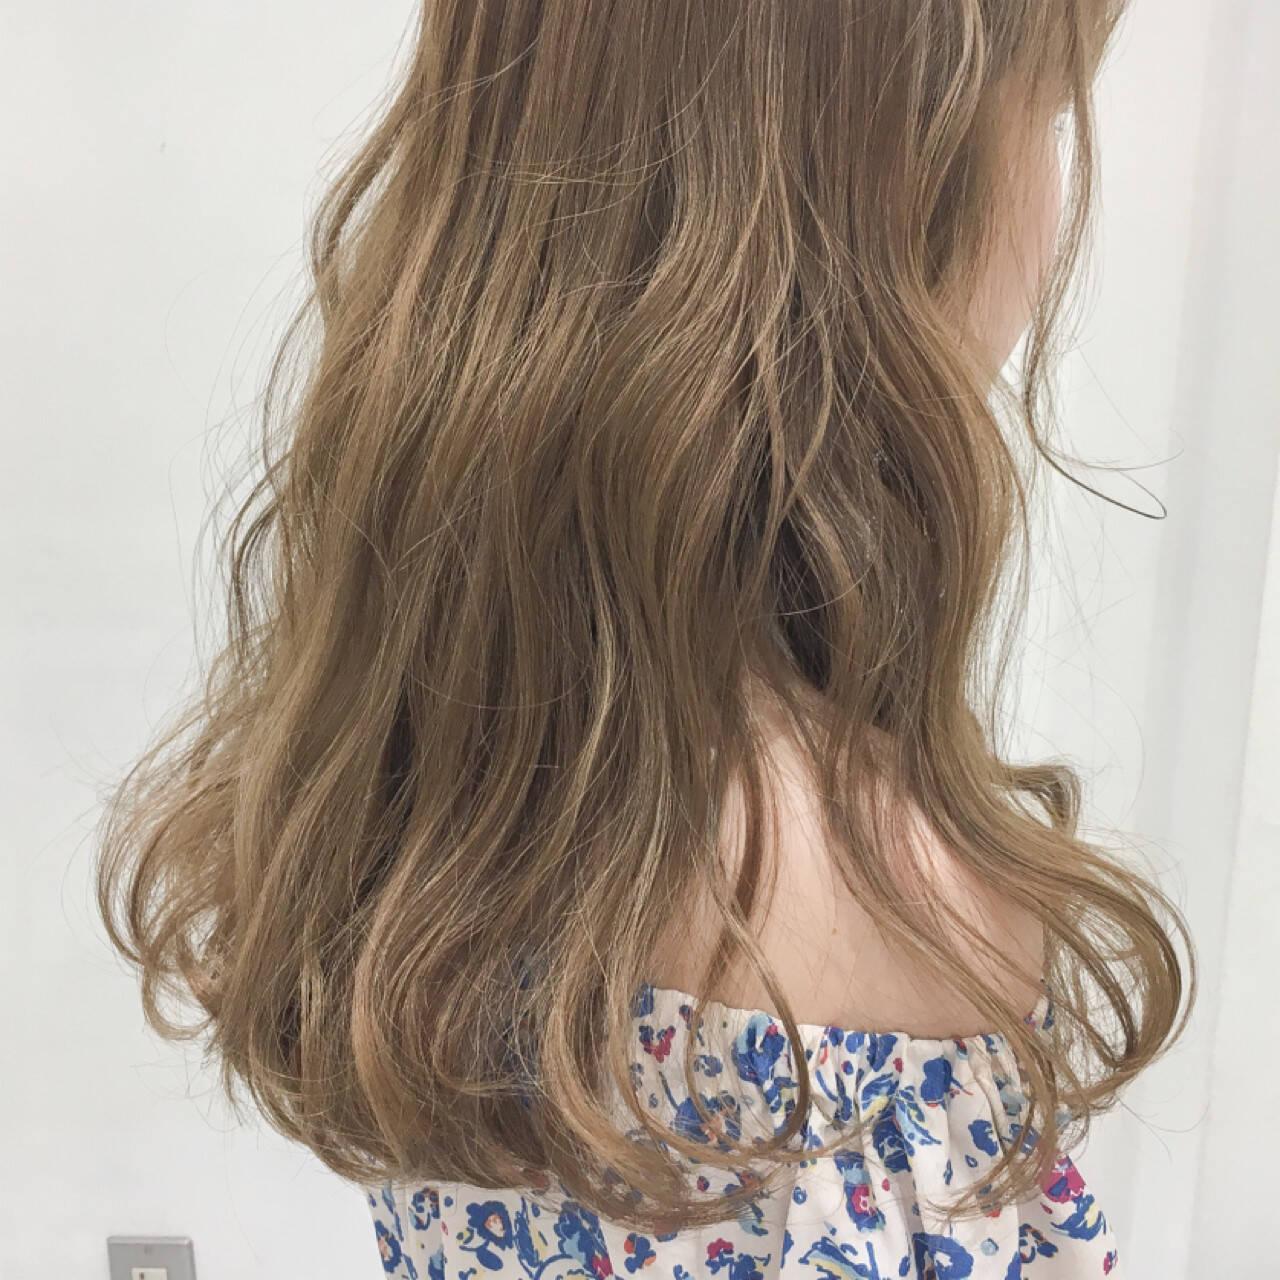 グレージュ ヌーディーベージュ アッシュ 外国人風カラーヘアスタイルや髪型の写真・画像